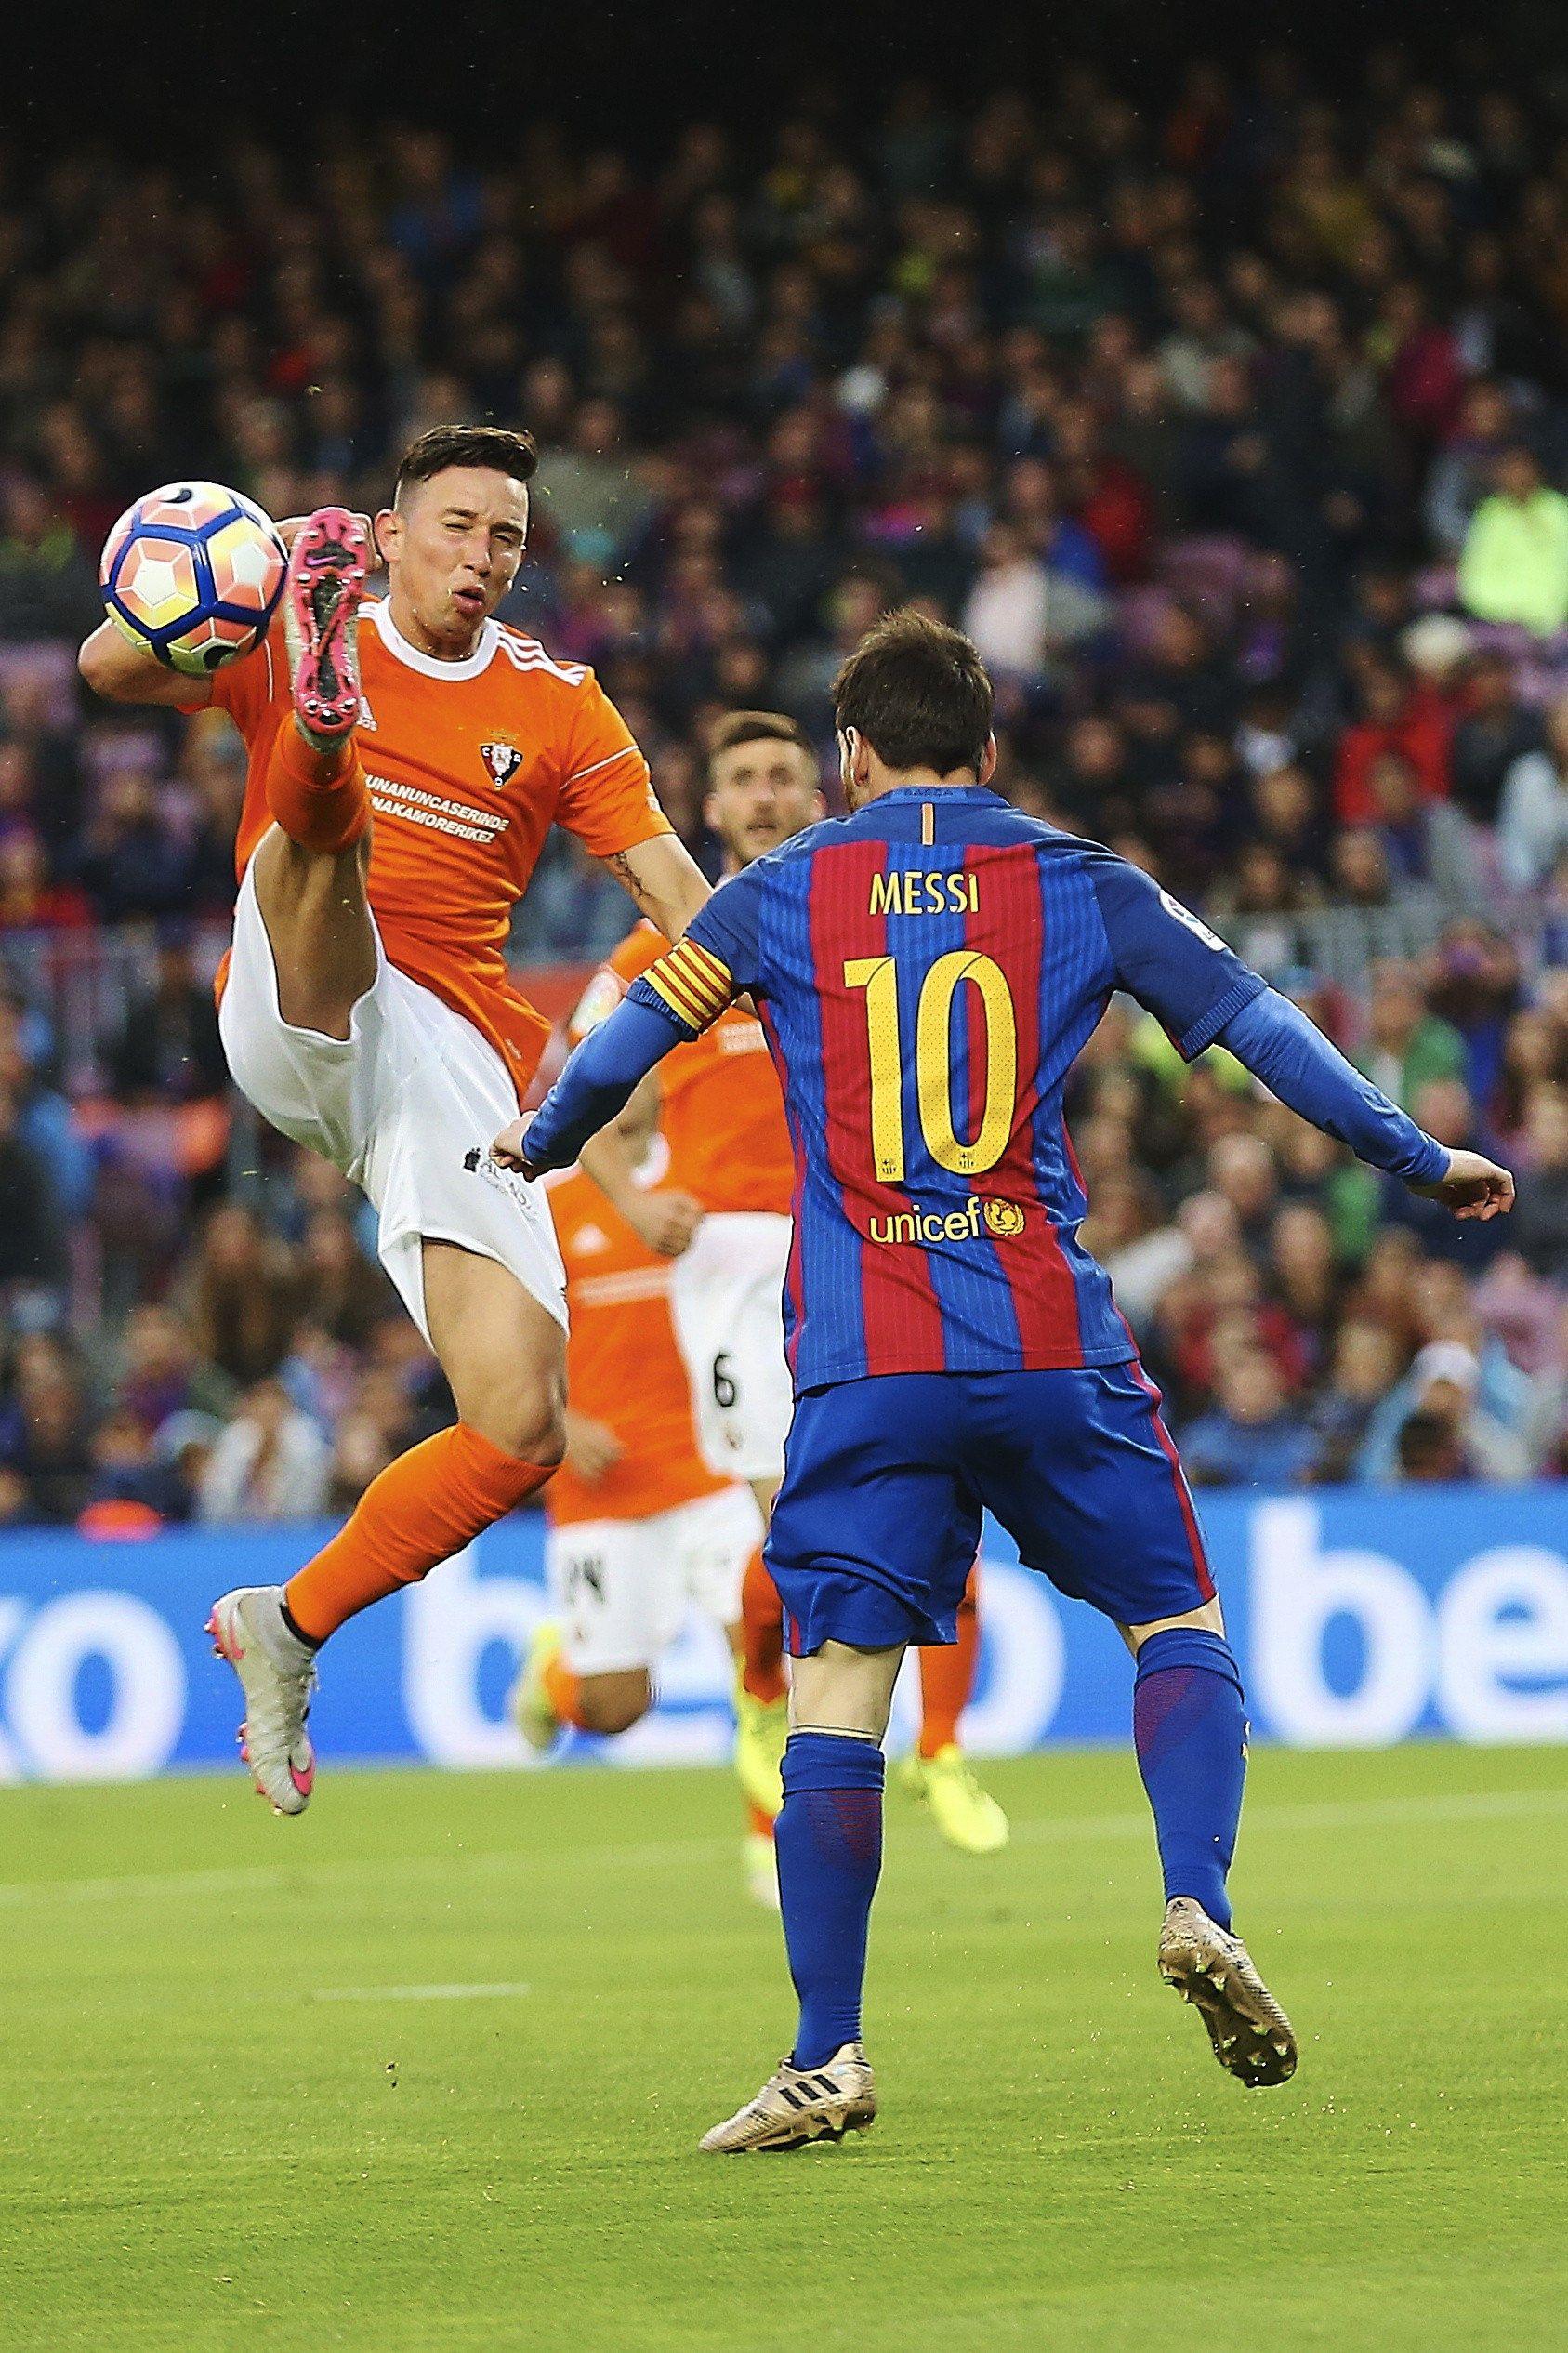 El mediocampista disputando un balón con Messi